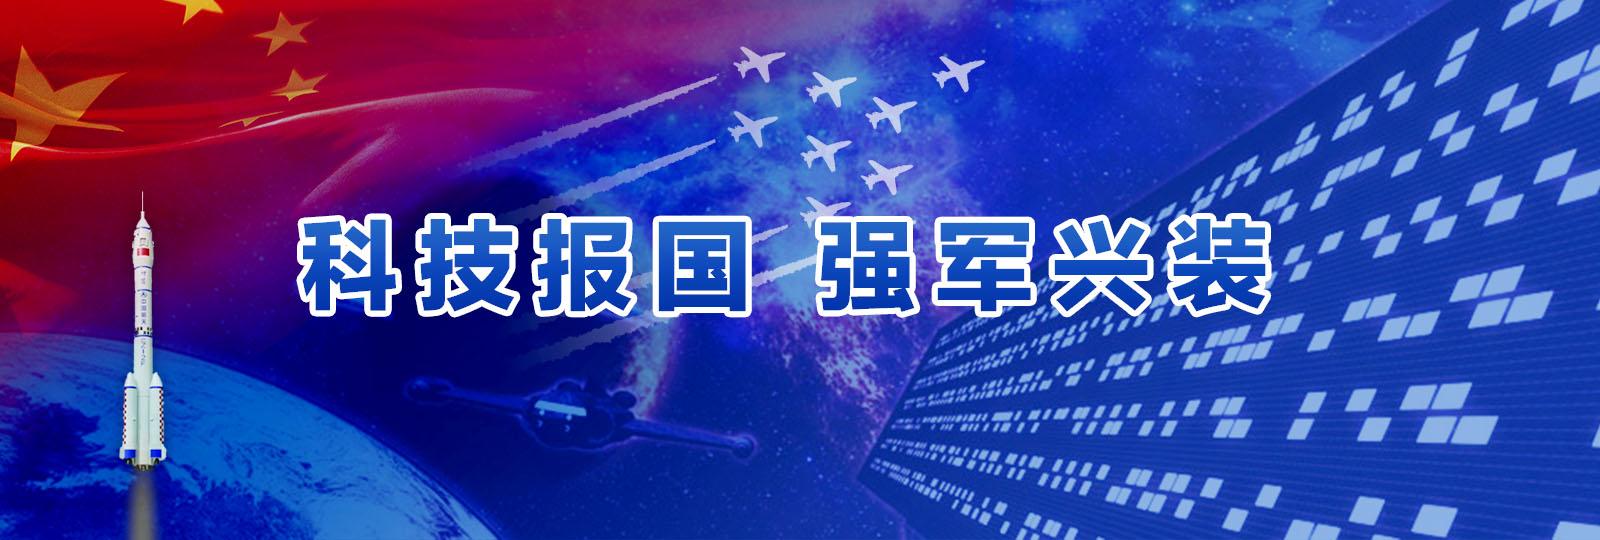 科技报国  强军兴装